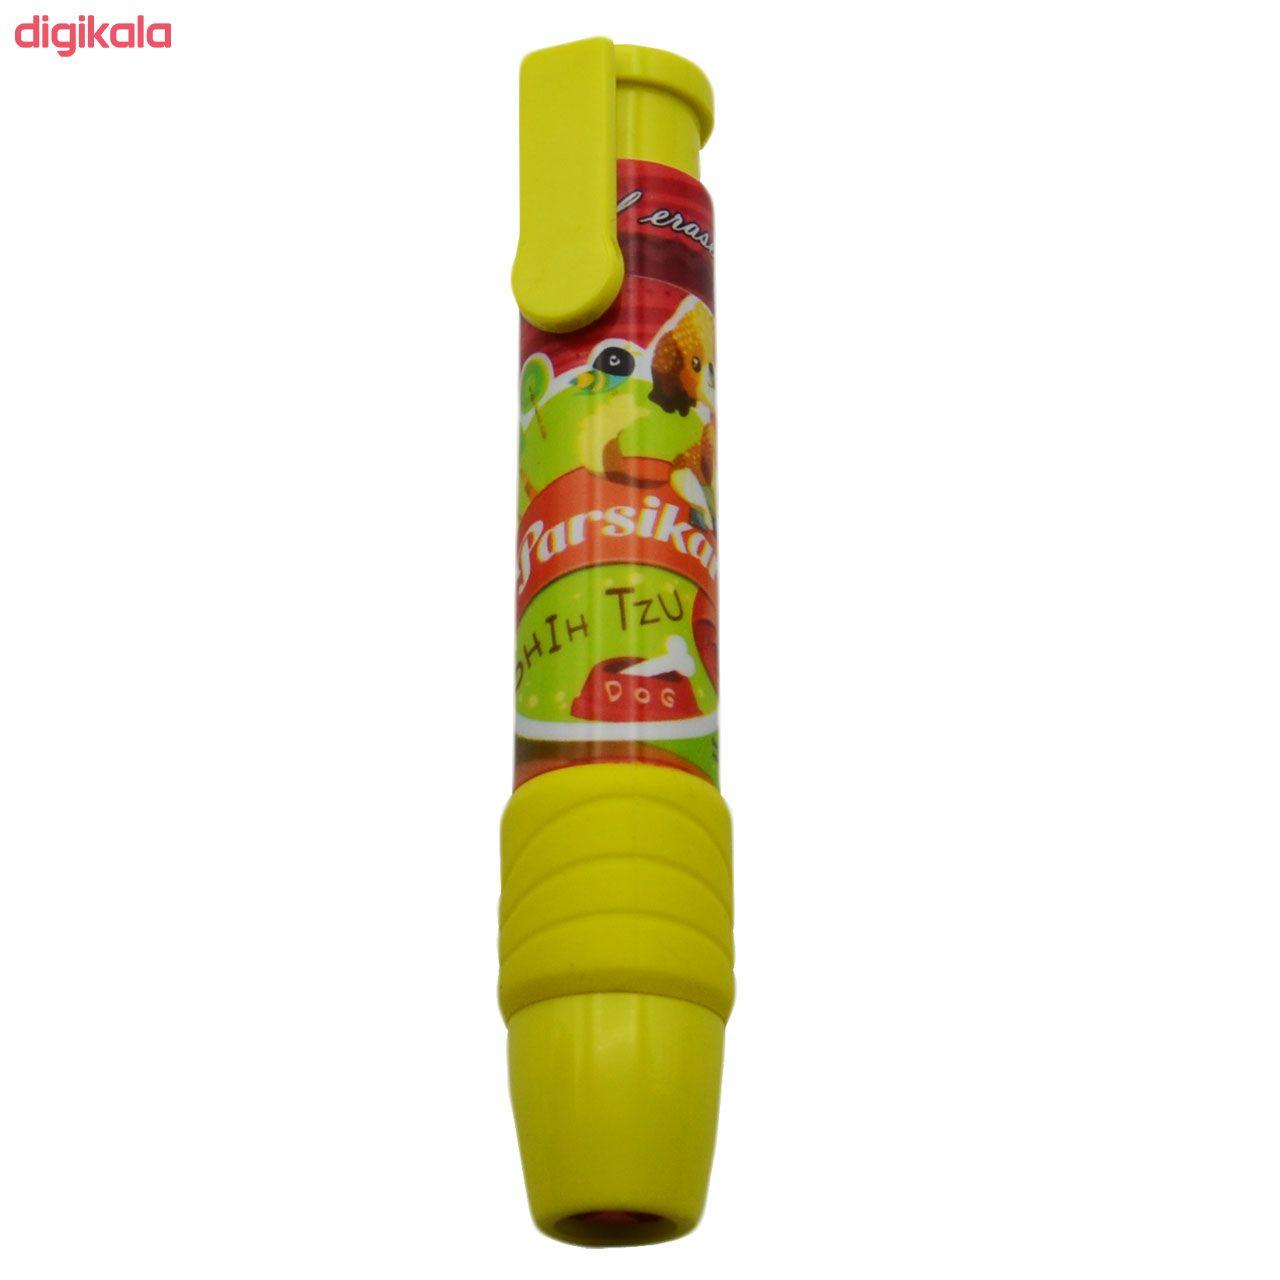 پاک کن مدادی پارسیکار کد 4001 main 1 2